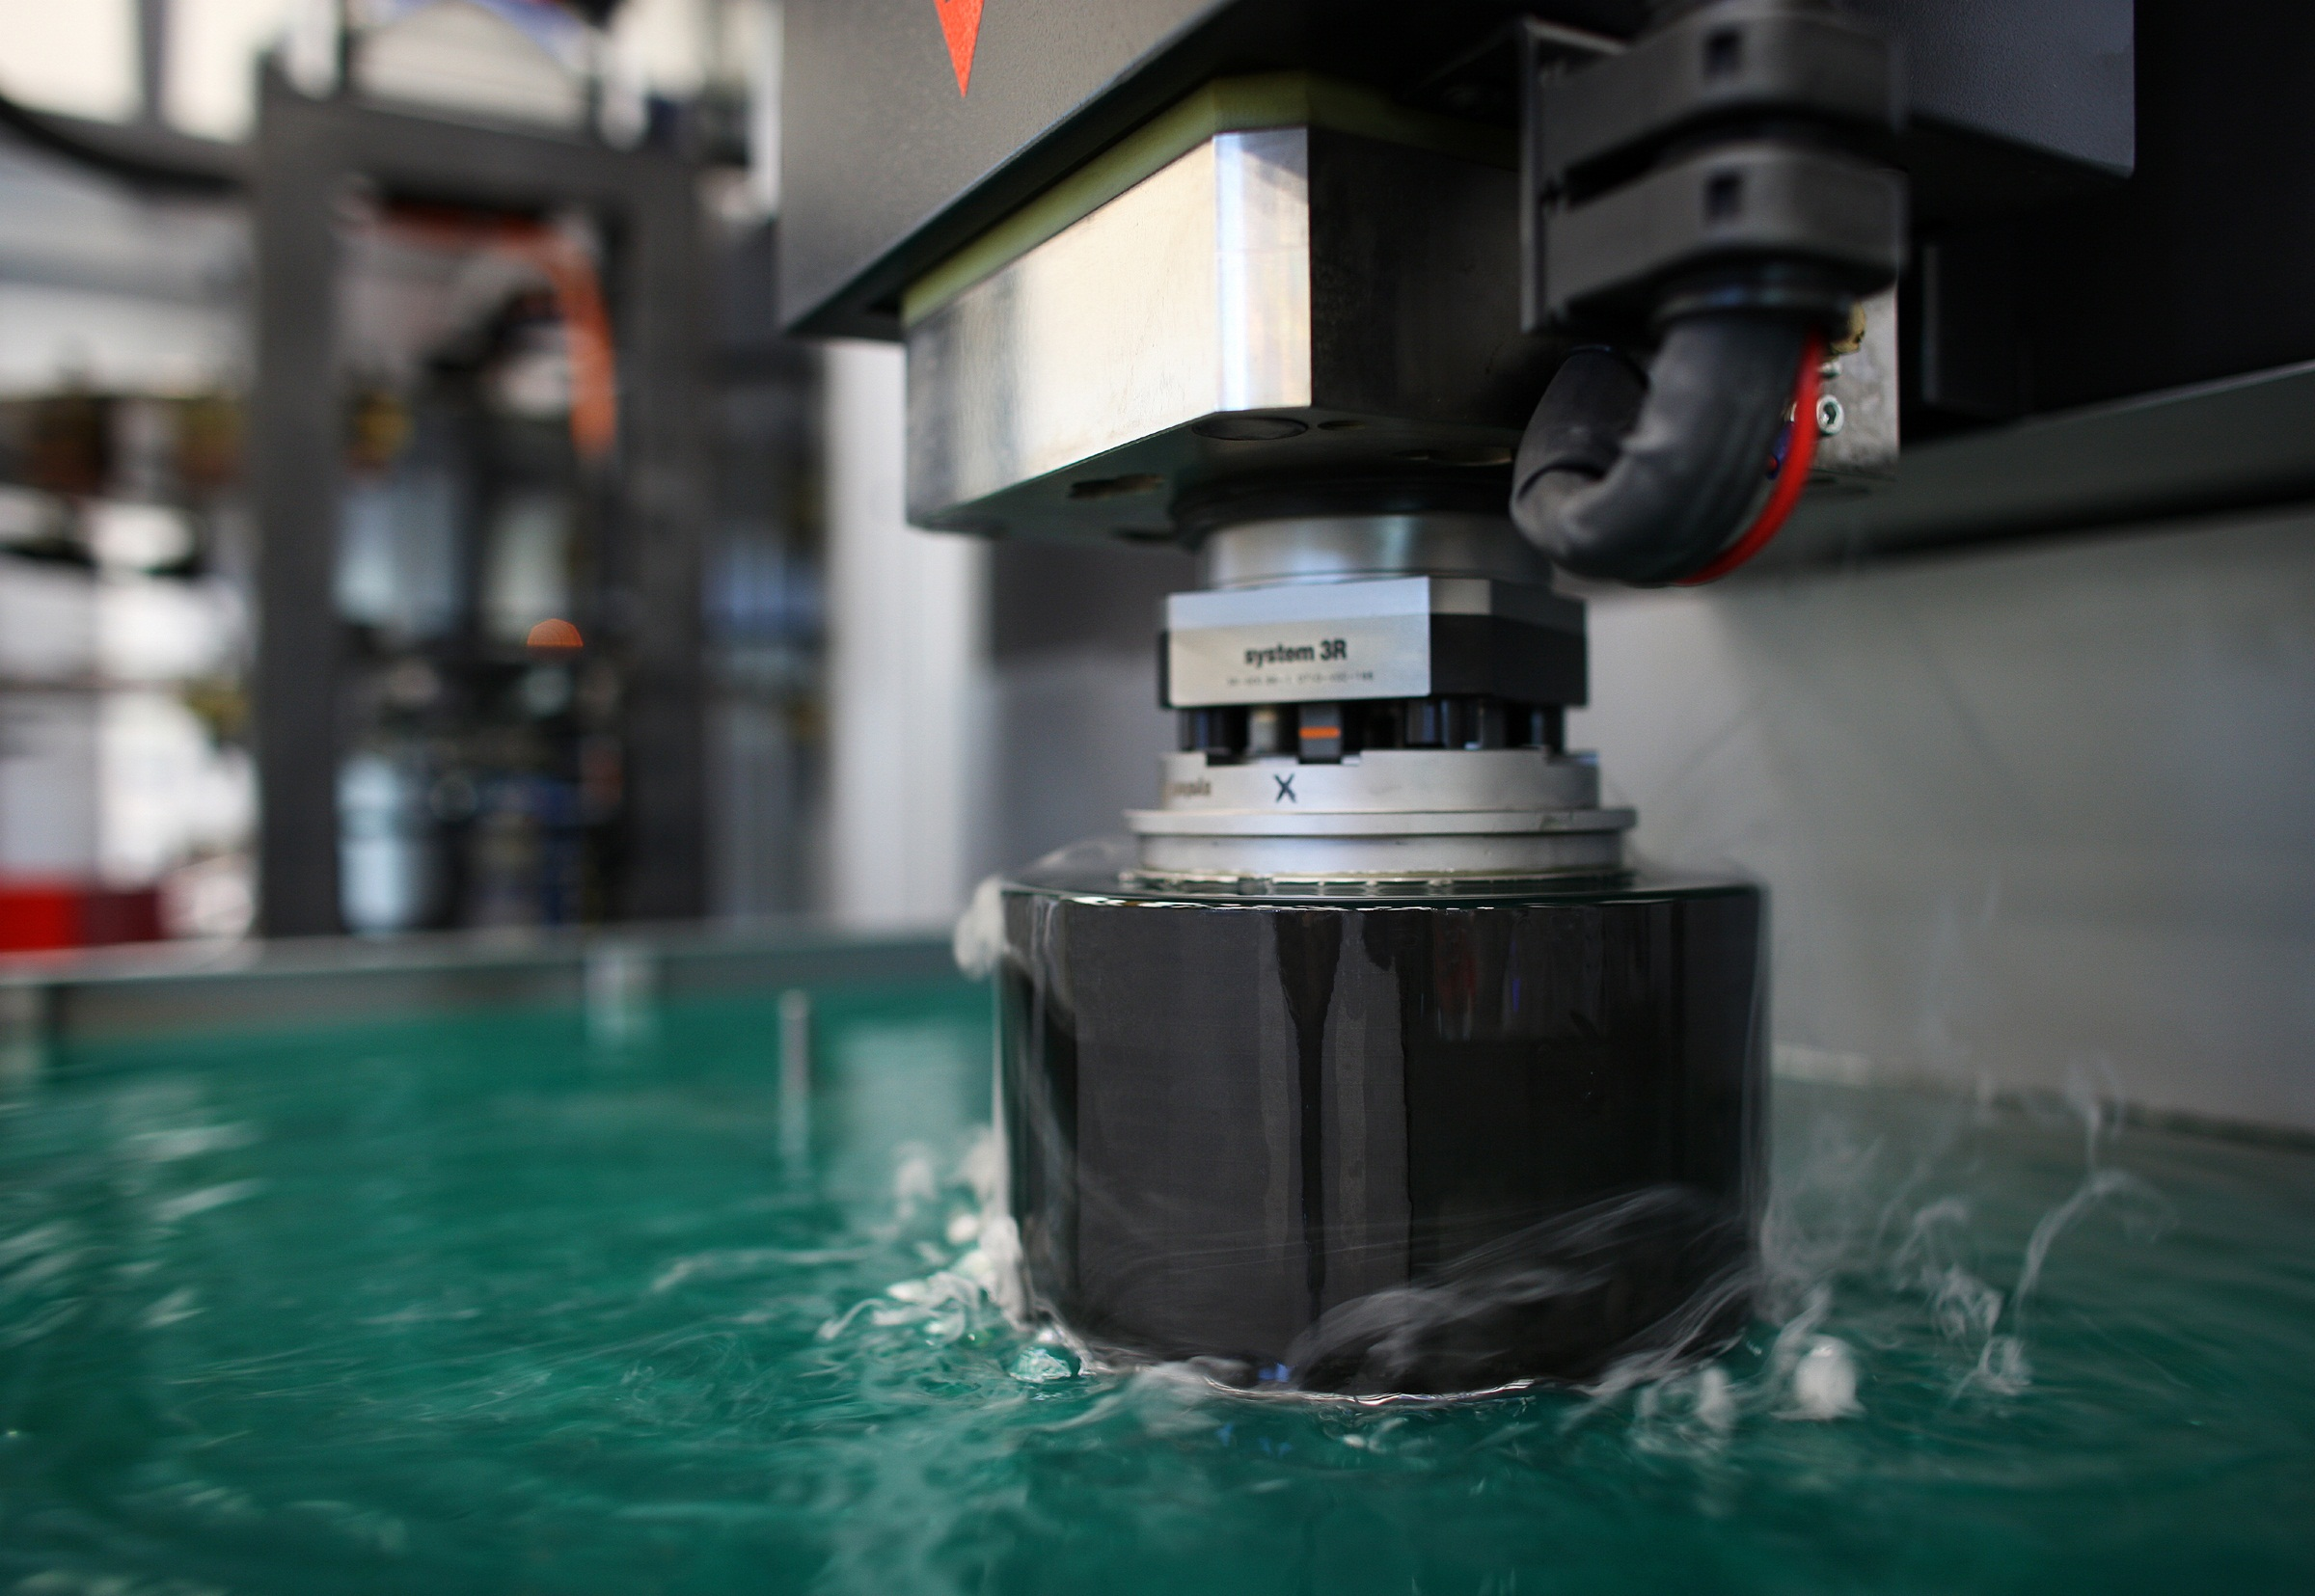 Zakázková kovovýroba, CNC obrábění, frézování 5 osé